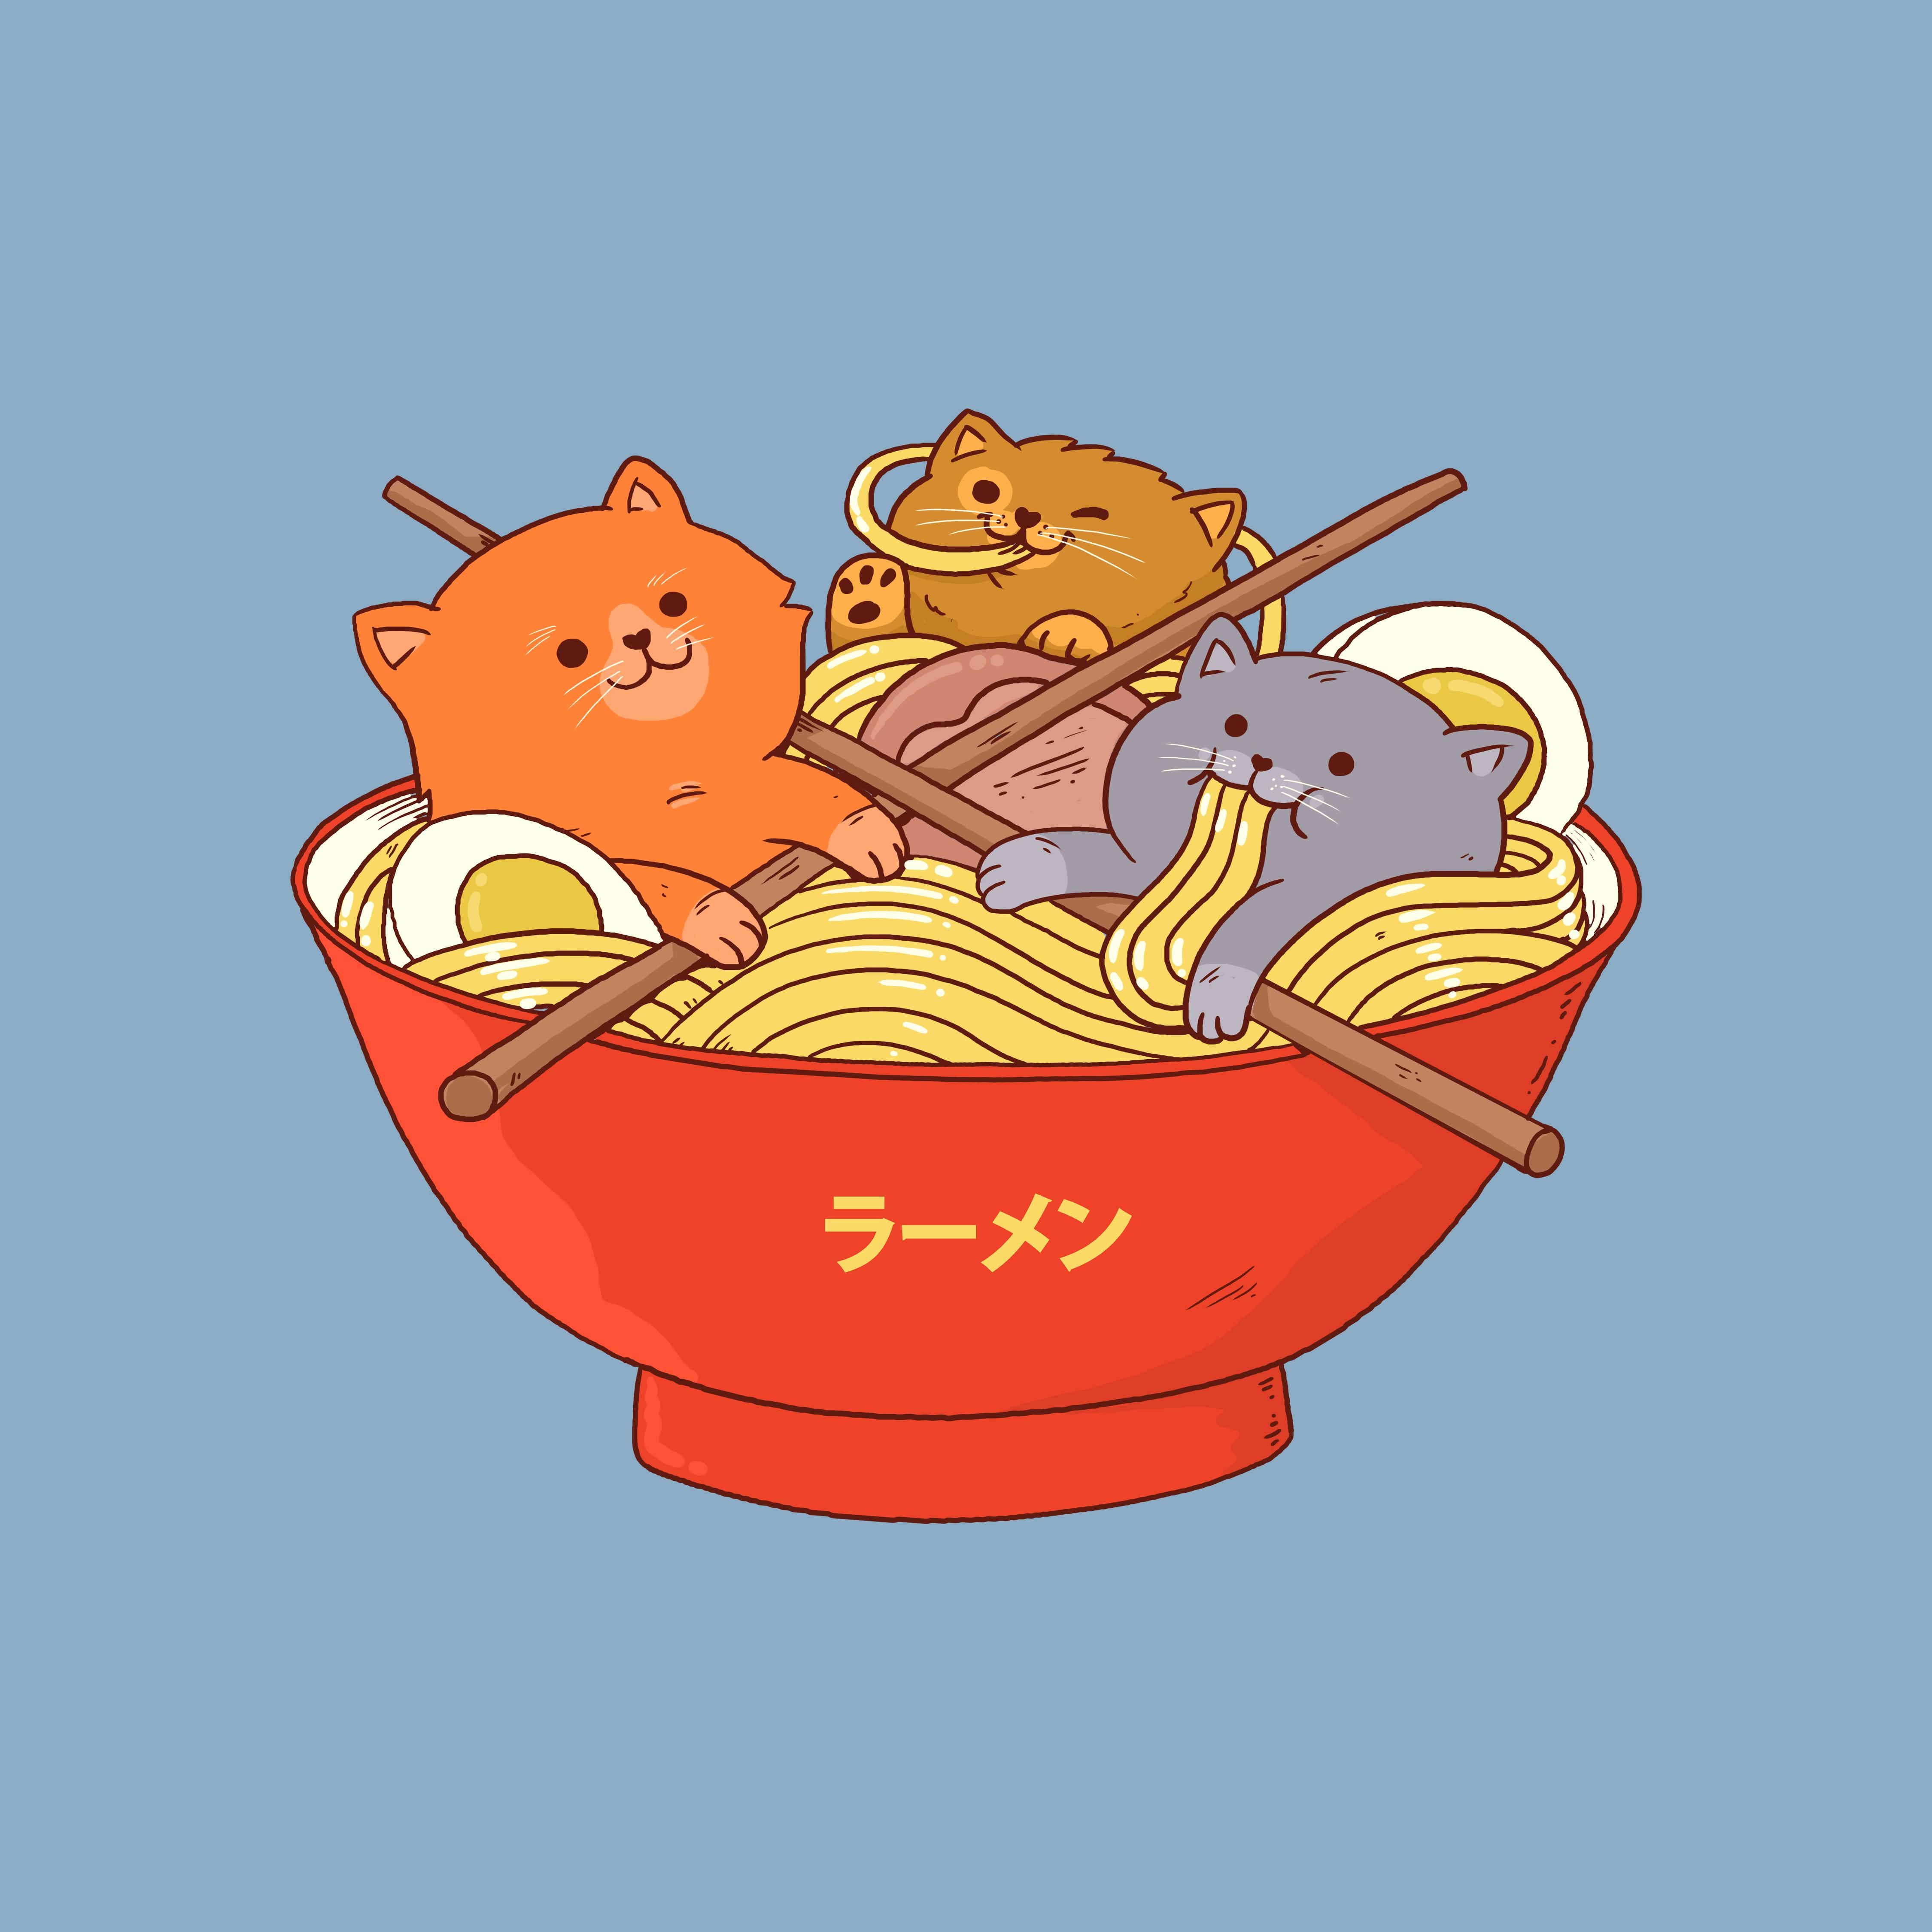 Most popular designs of April - Ramen and cats